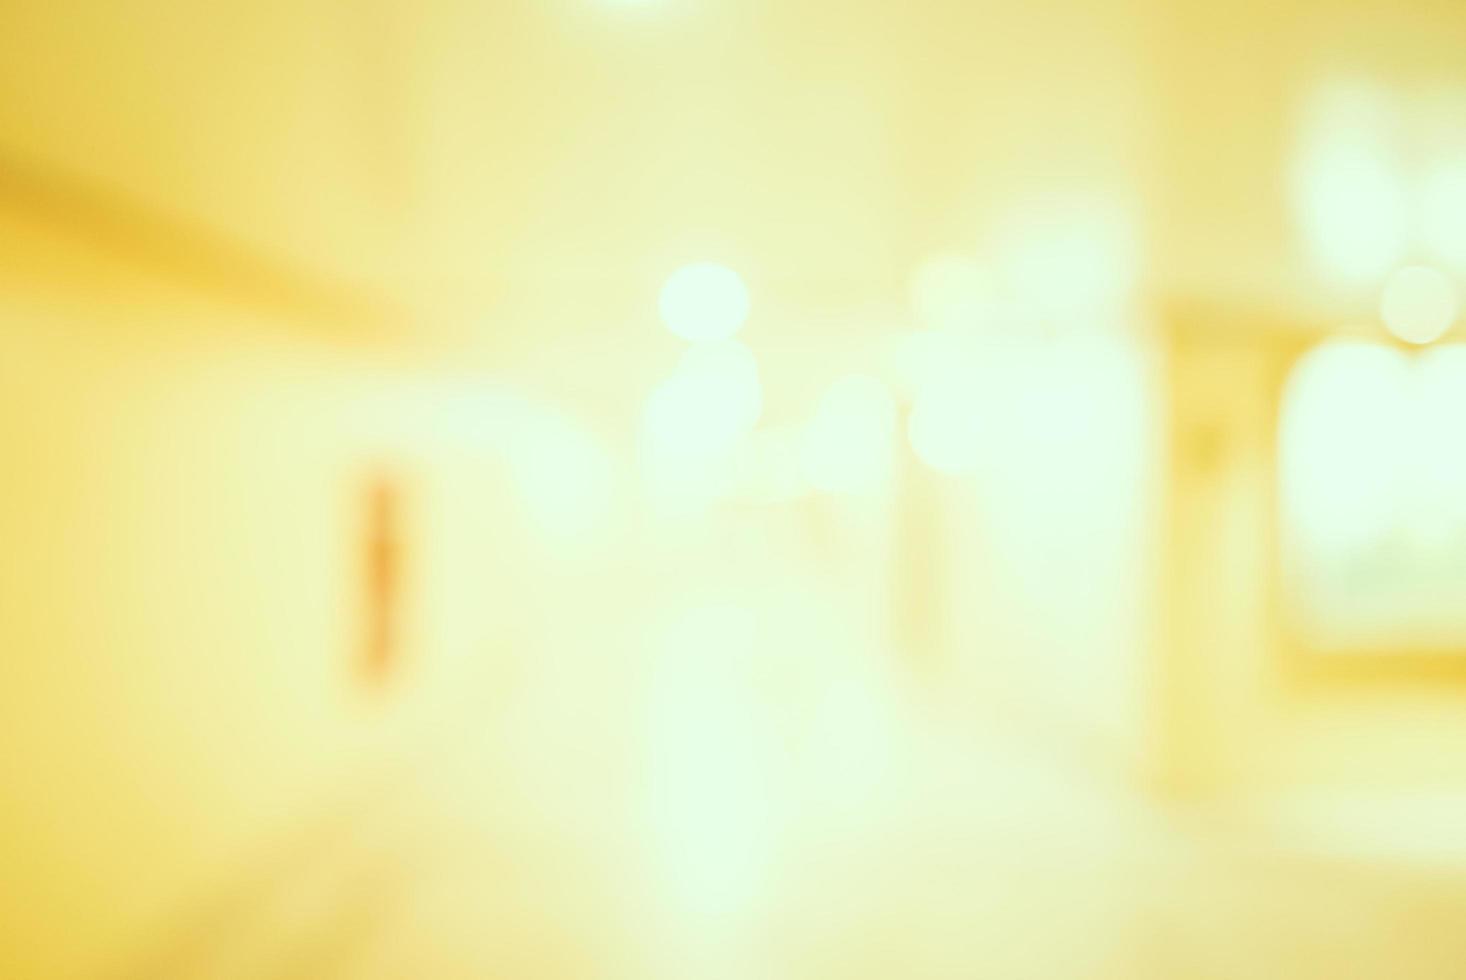 abstrakter Unschärfehintergrund foto